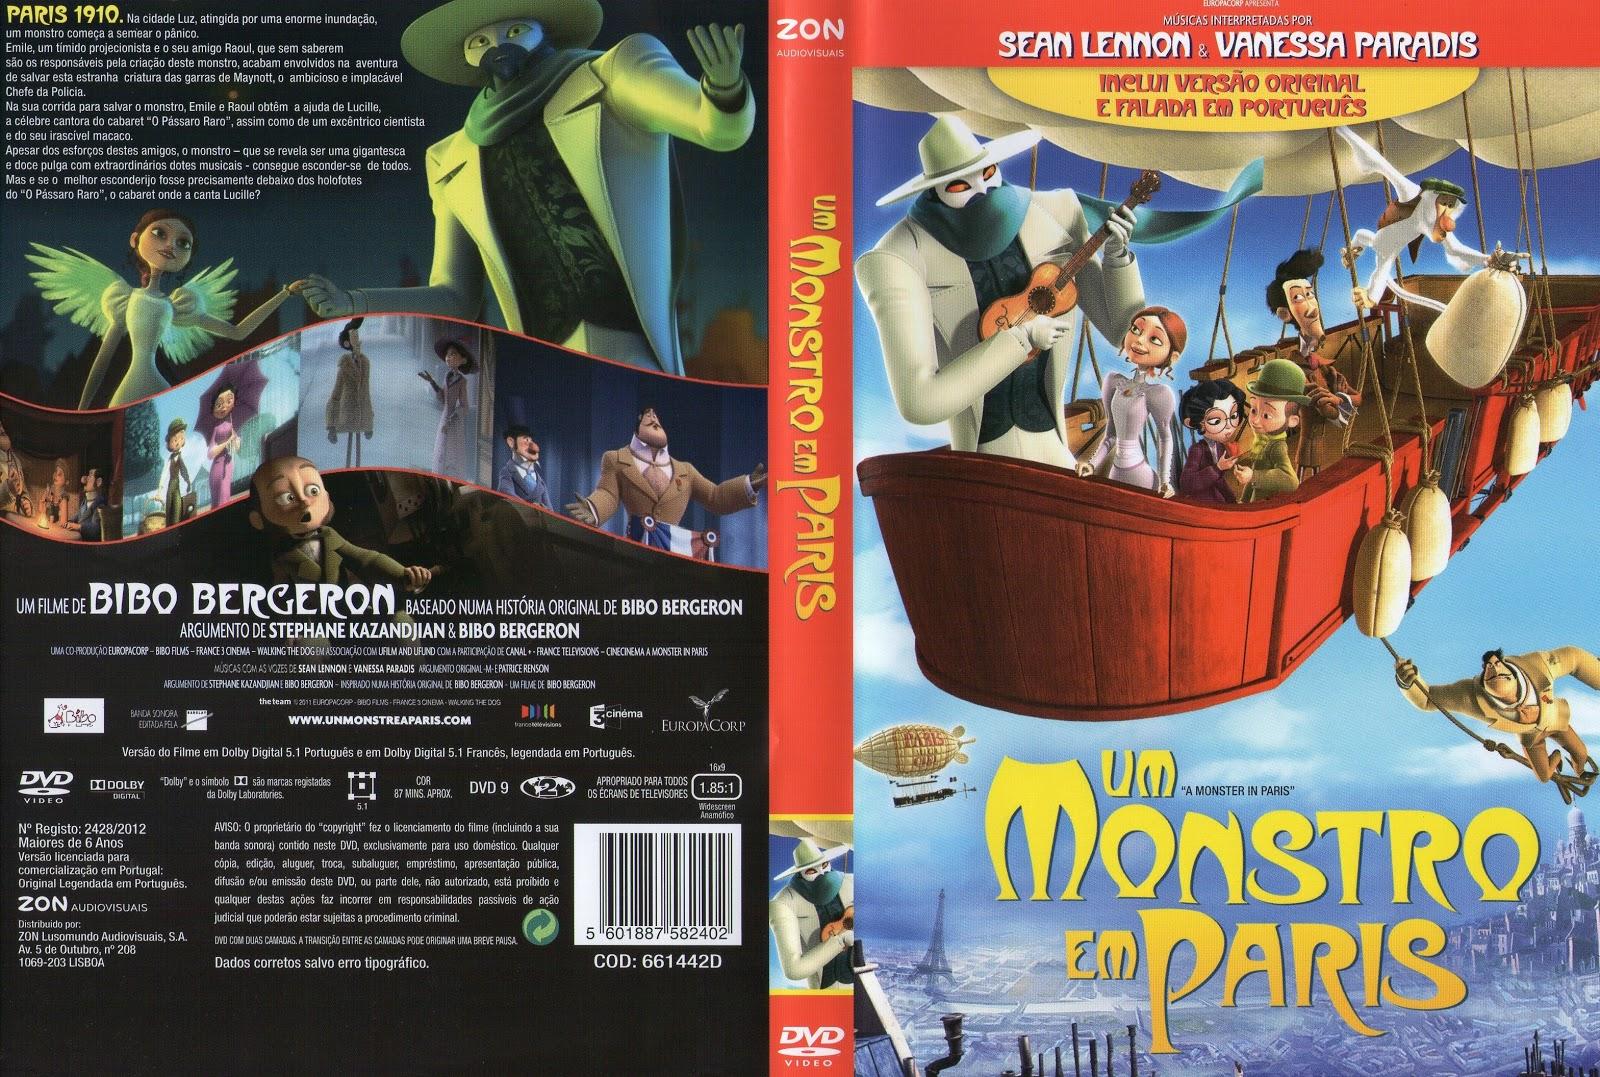 Um Monstro em Paris (2011) PT-PT CAPA